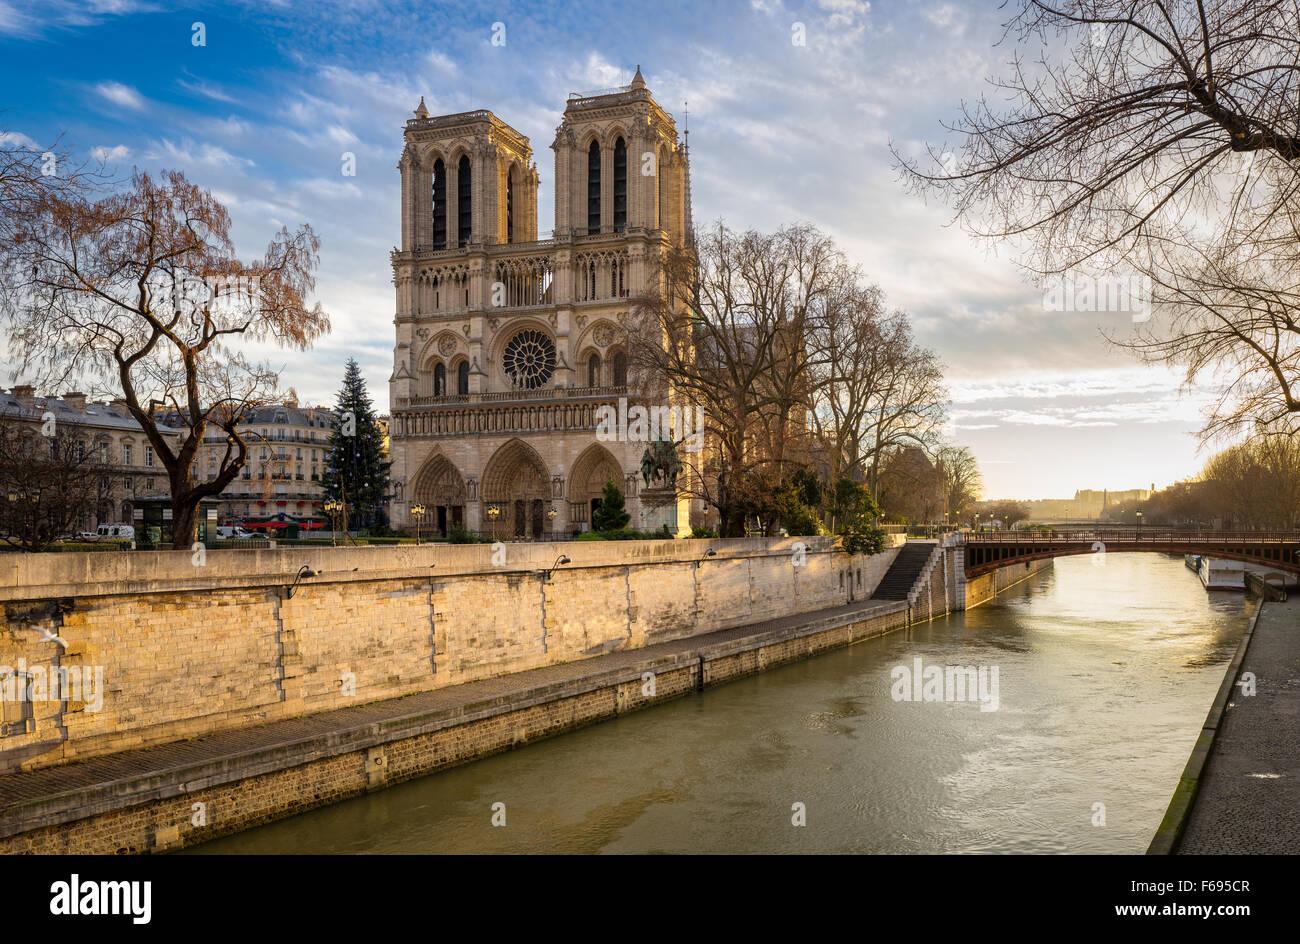 Catedral de Notre Dame y el río Sena en un invierno suave luz matinal. Ile de la Cite, 4th arrondissement, París Foto de stock